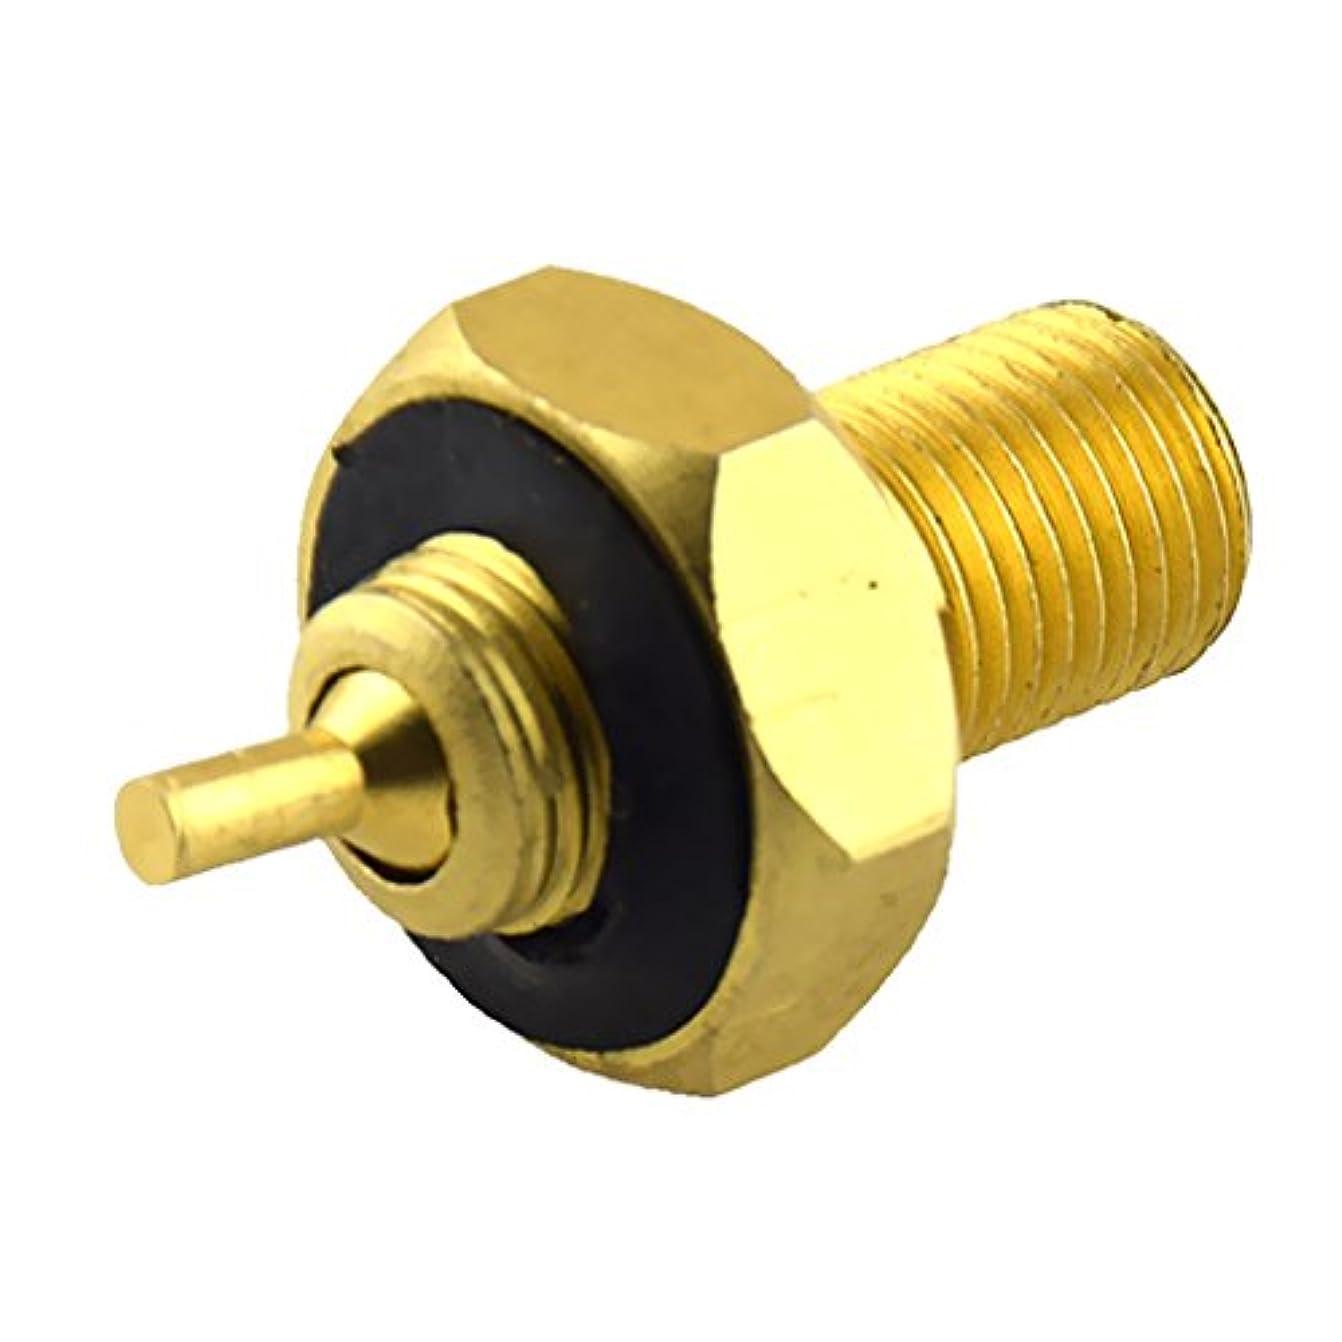 見落とす強度紳士気取りの、きざな内部タイヤの穴の弁の減力剤のアダプターのコネクターの高性能